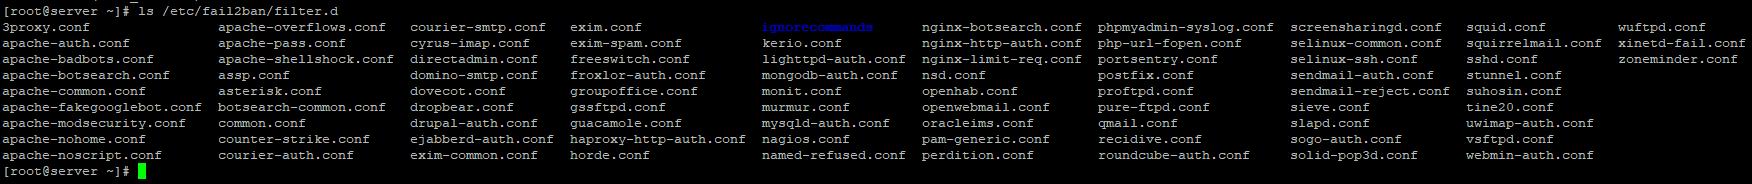 fail2ban/filter.d список поддерживаемых сервисов и служб